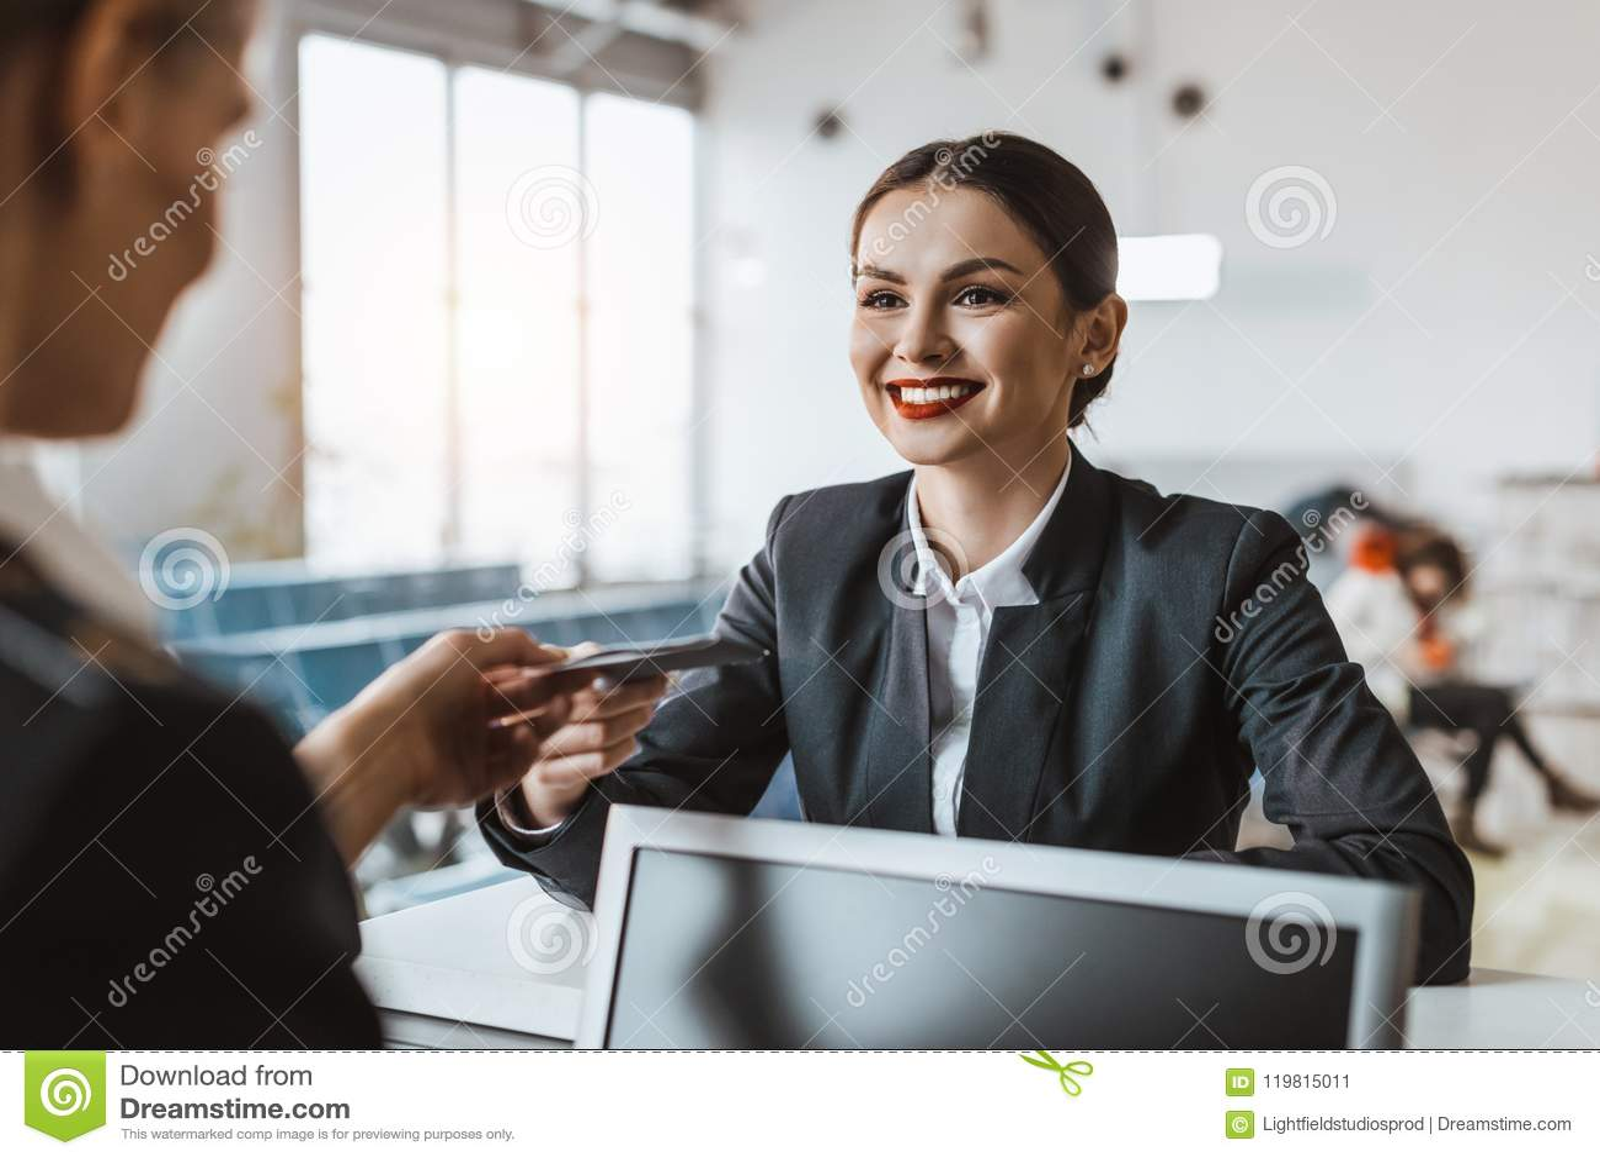 La empresaria joven atractiva que da el pasaporte y el boleto al personal en el aeropuerto comprueban